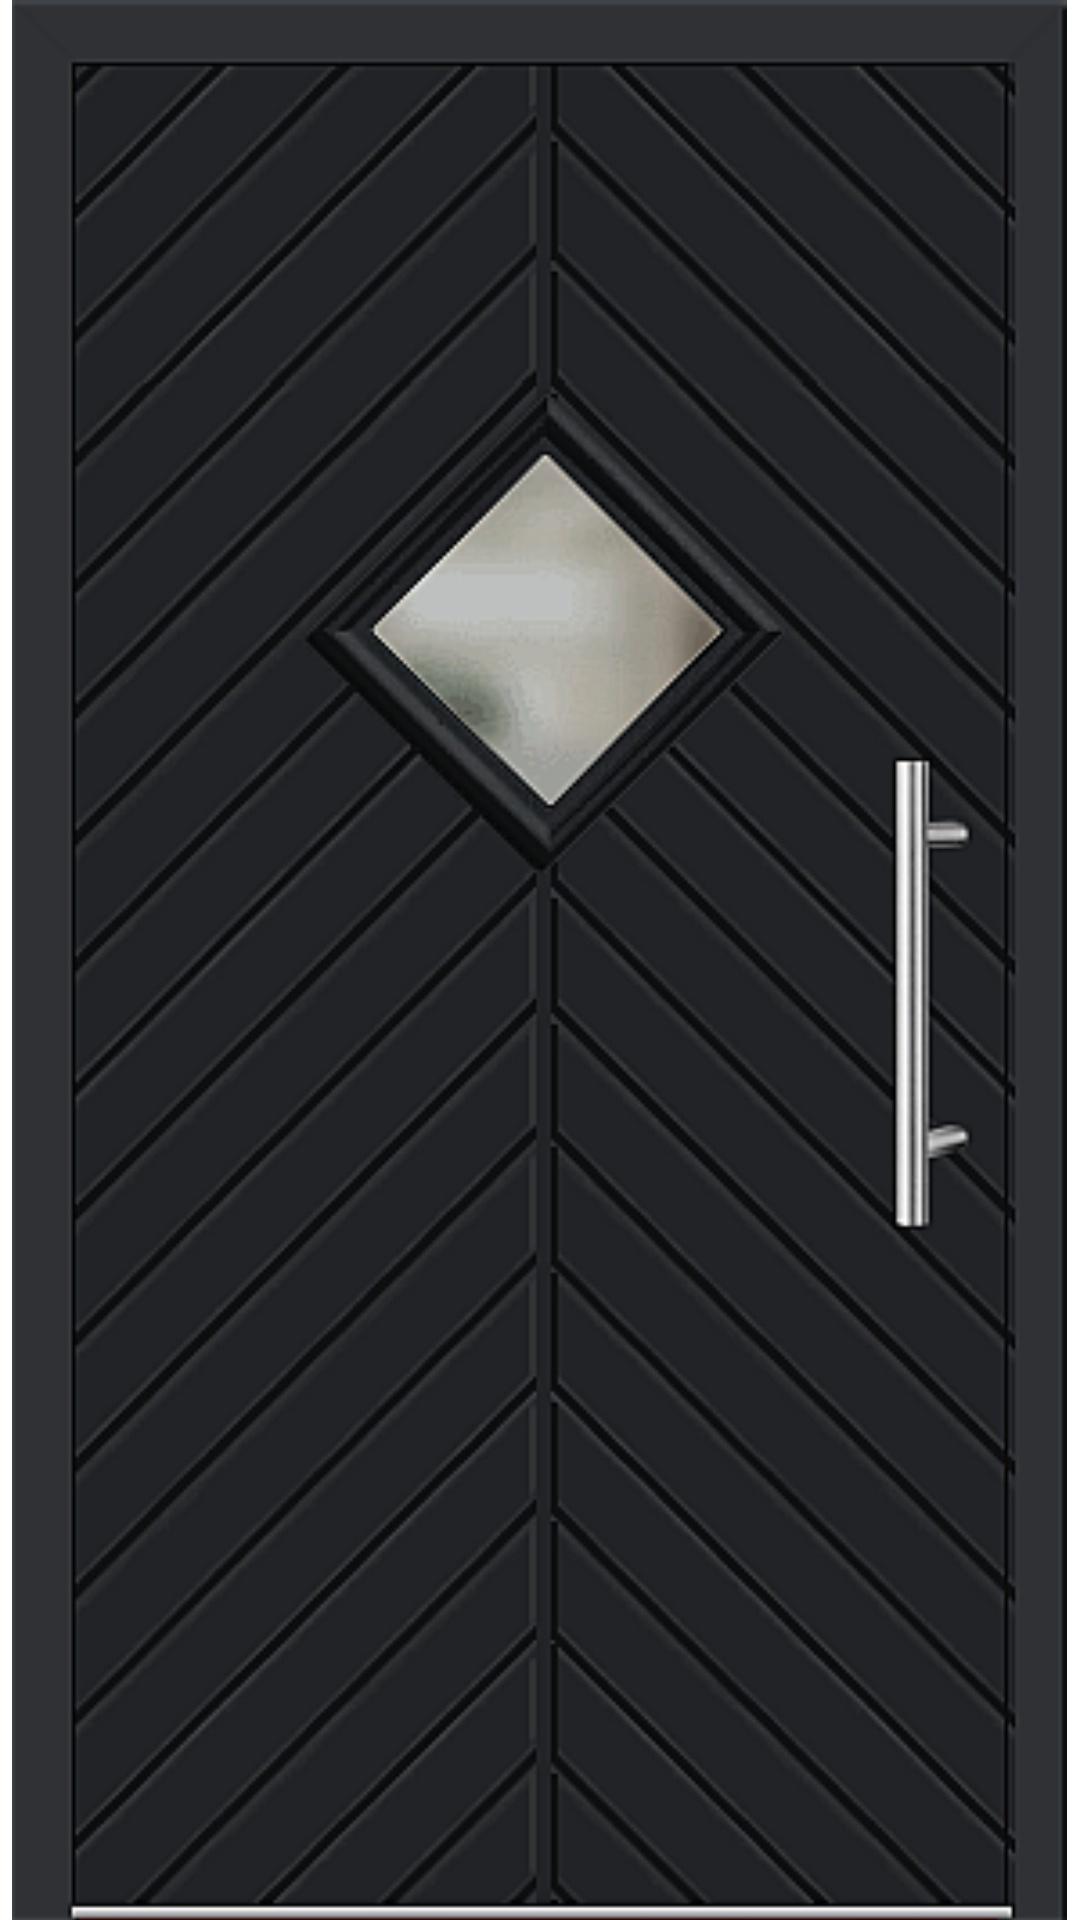 Kunststoff Haustür Modell 23-62 schwarz